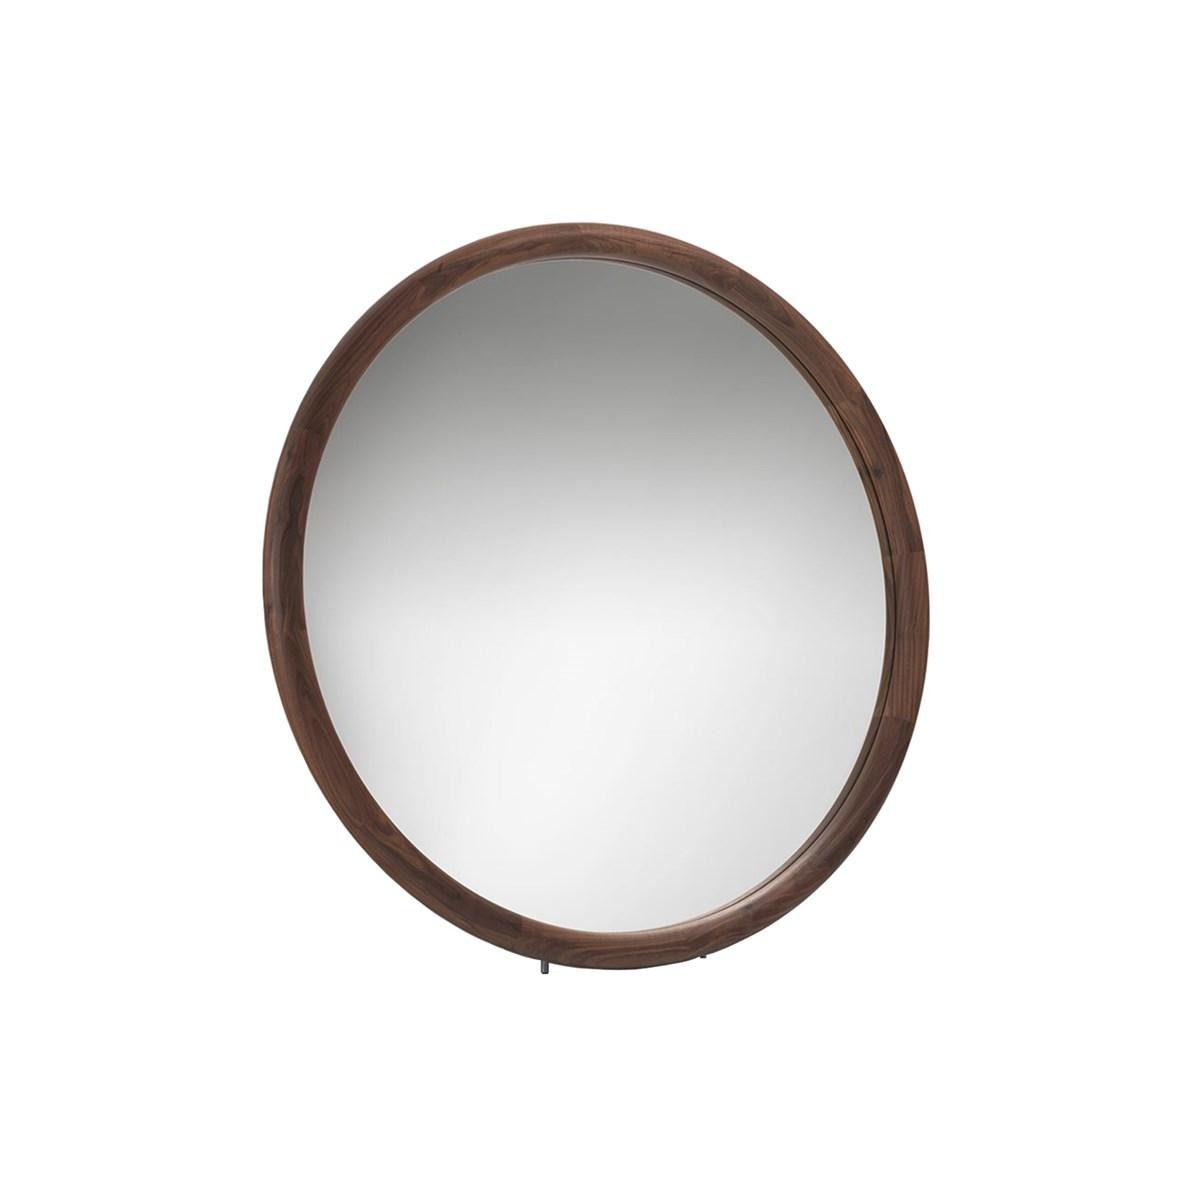 Porada-T. Colzani-Giove-Mirror-Matisse-1